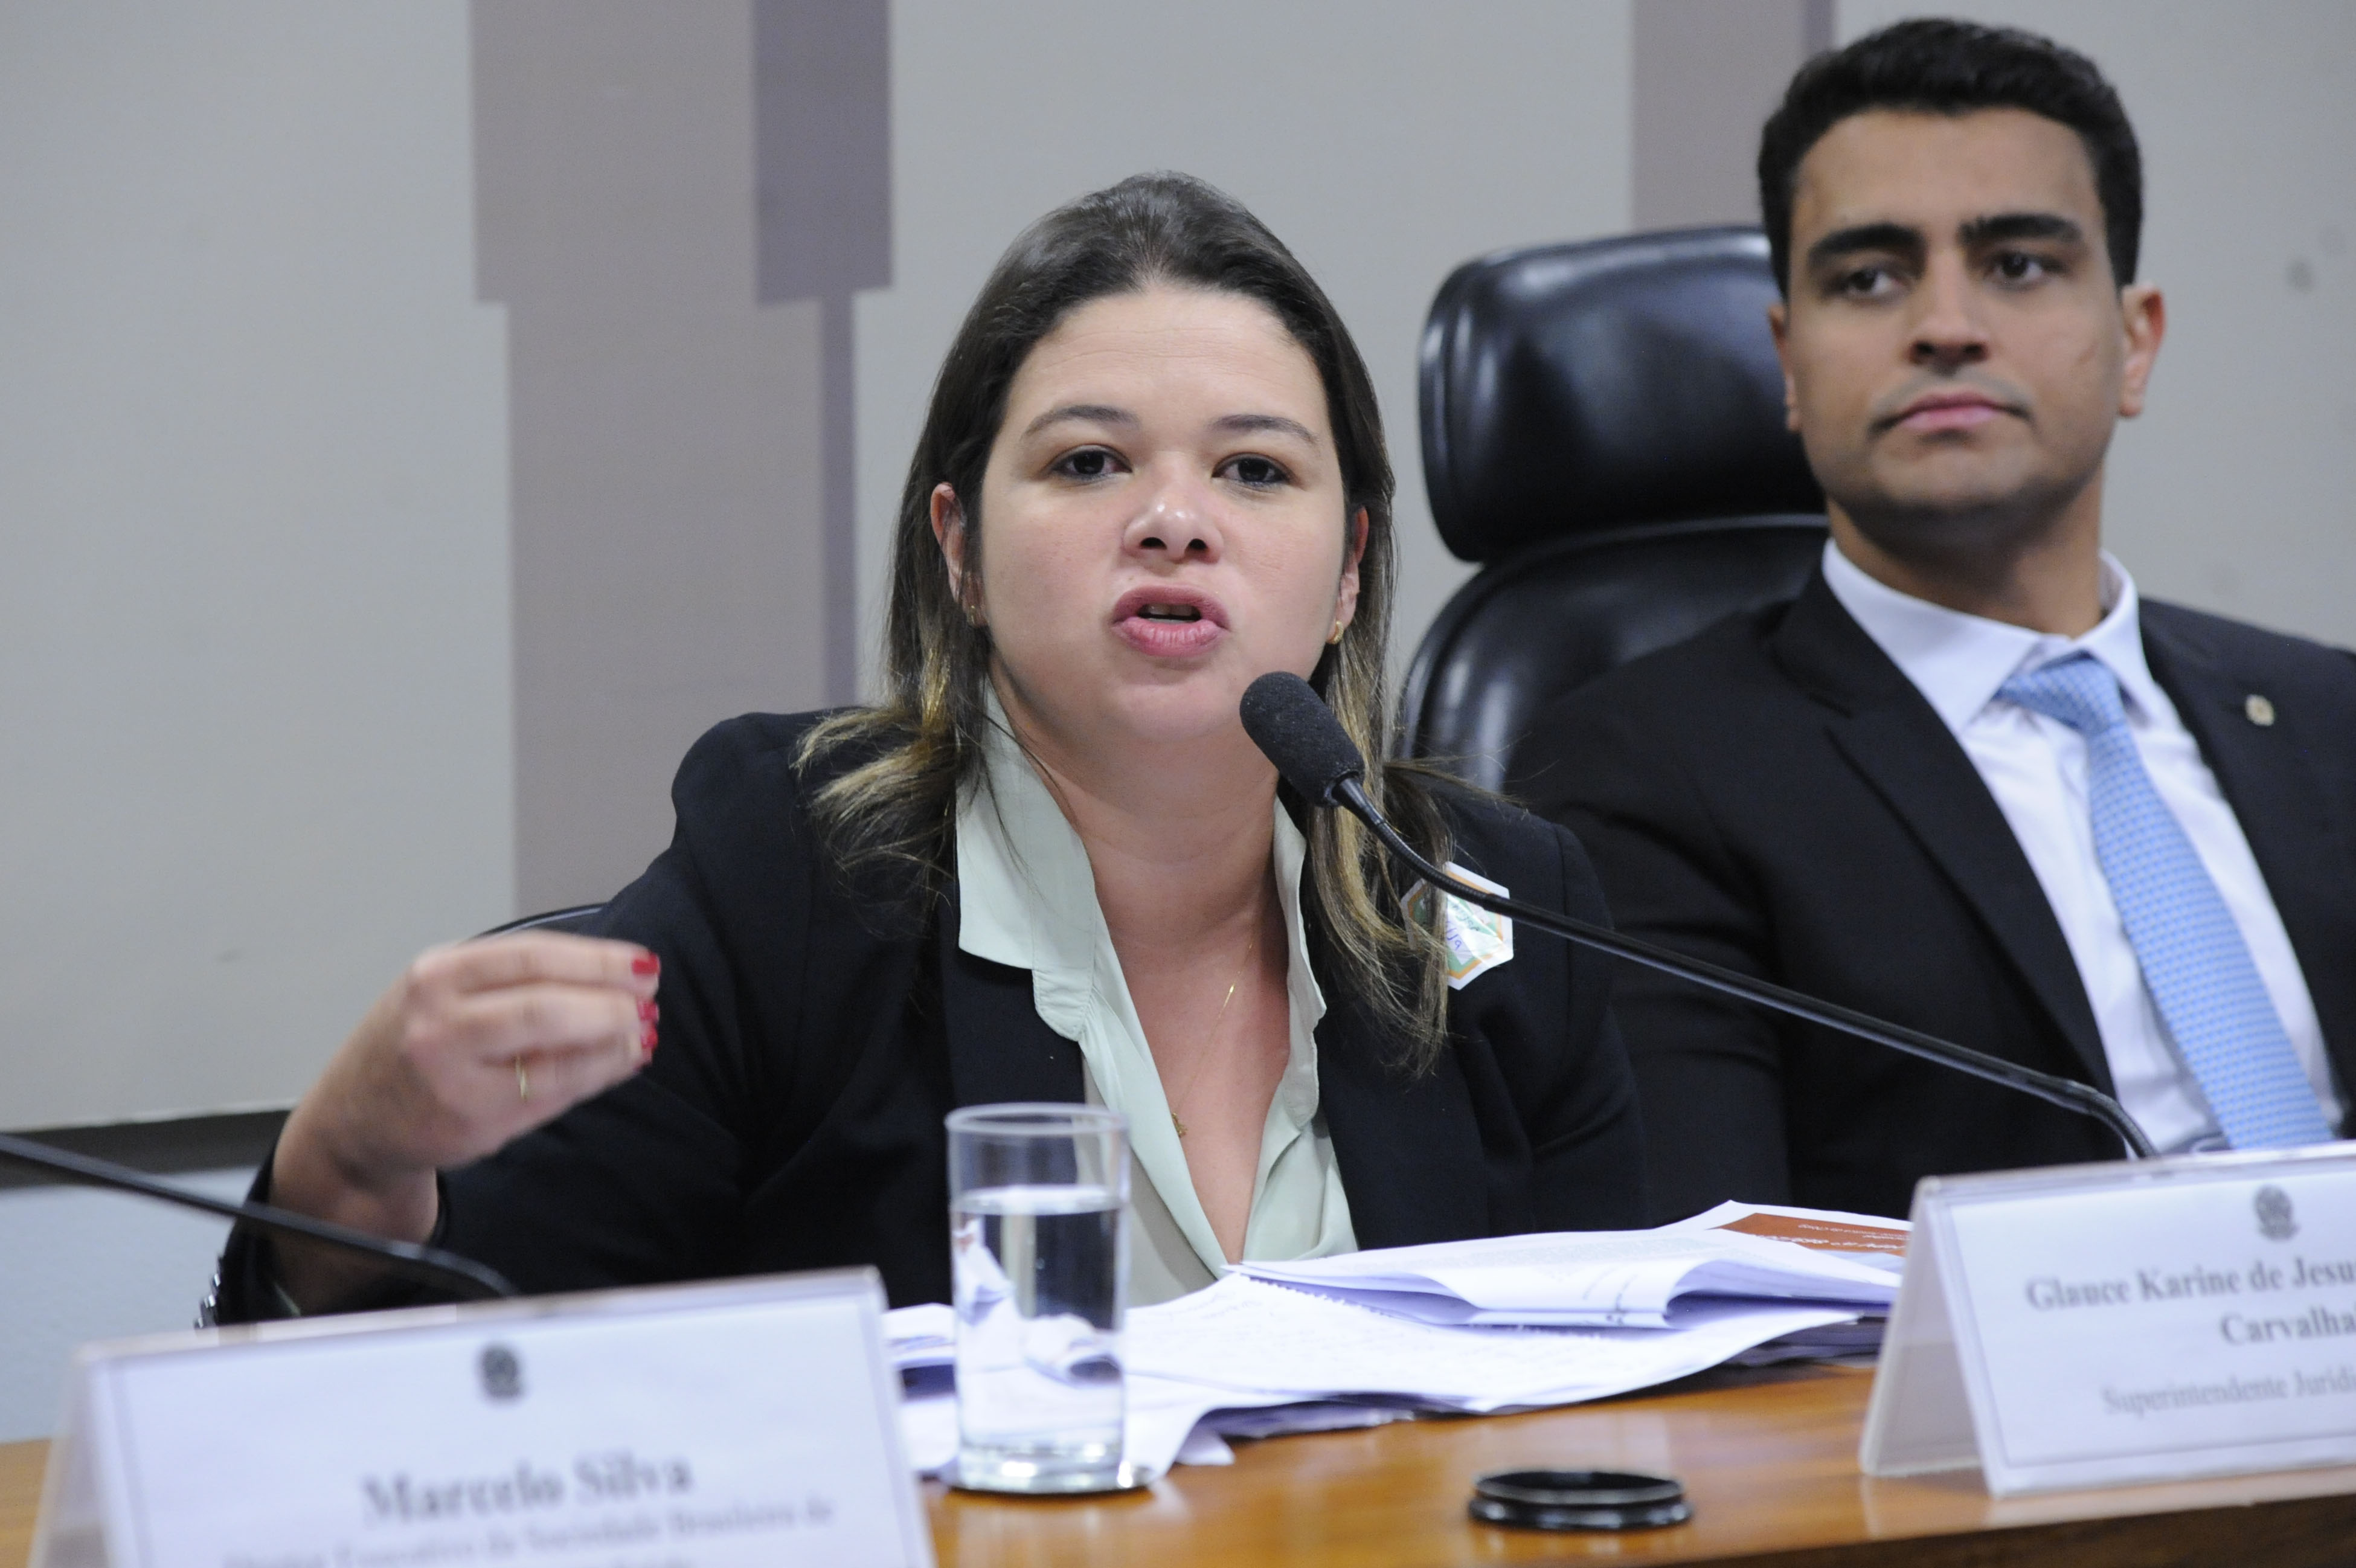 Comissão Mista sobre a MP 869/18, para dispor sobre a Proteção de Dados Pessoais e para criar a Autoridade Nacional de Proteção de Dados. Superintendente Jurídica da CNSEG, Glauce Karine